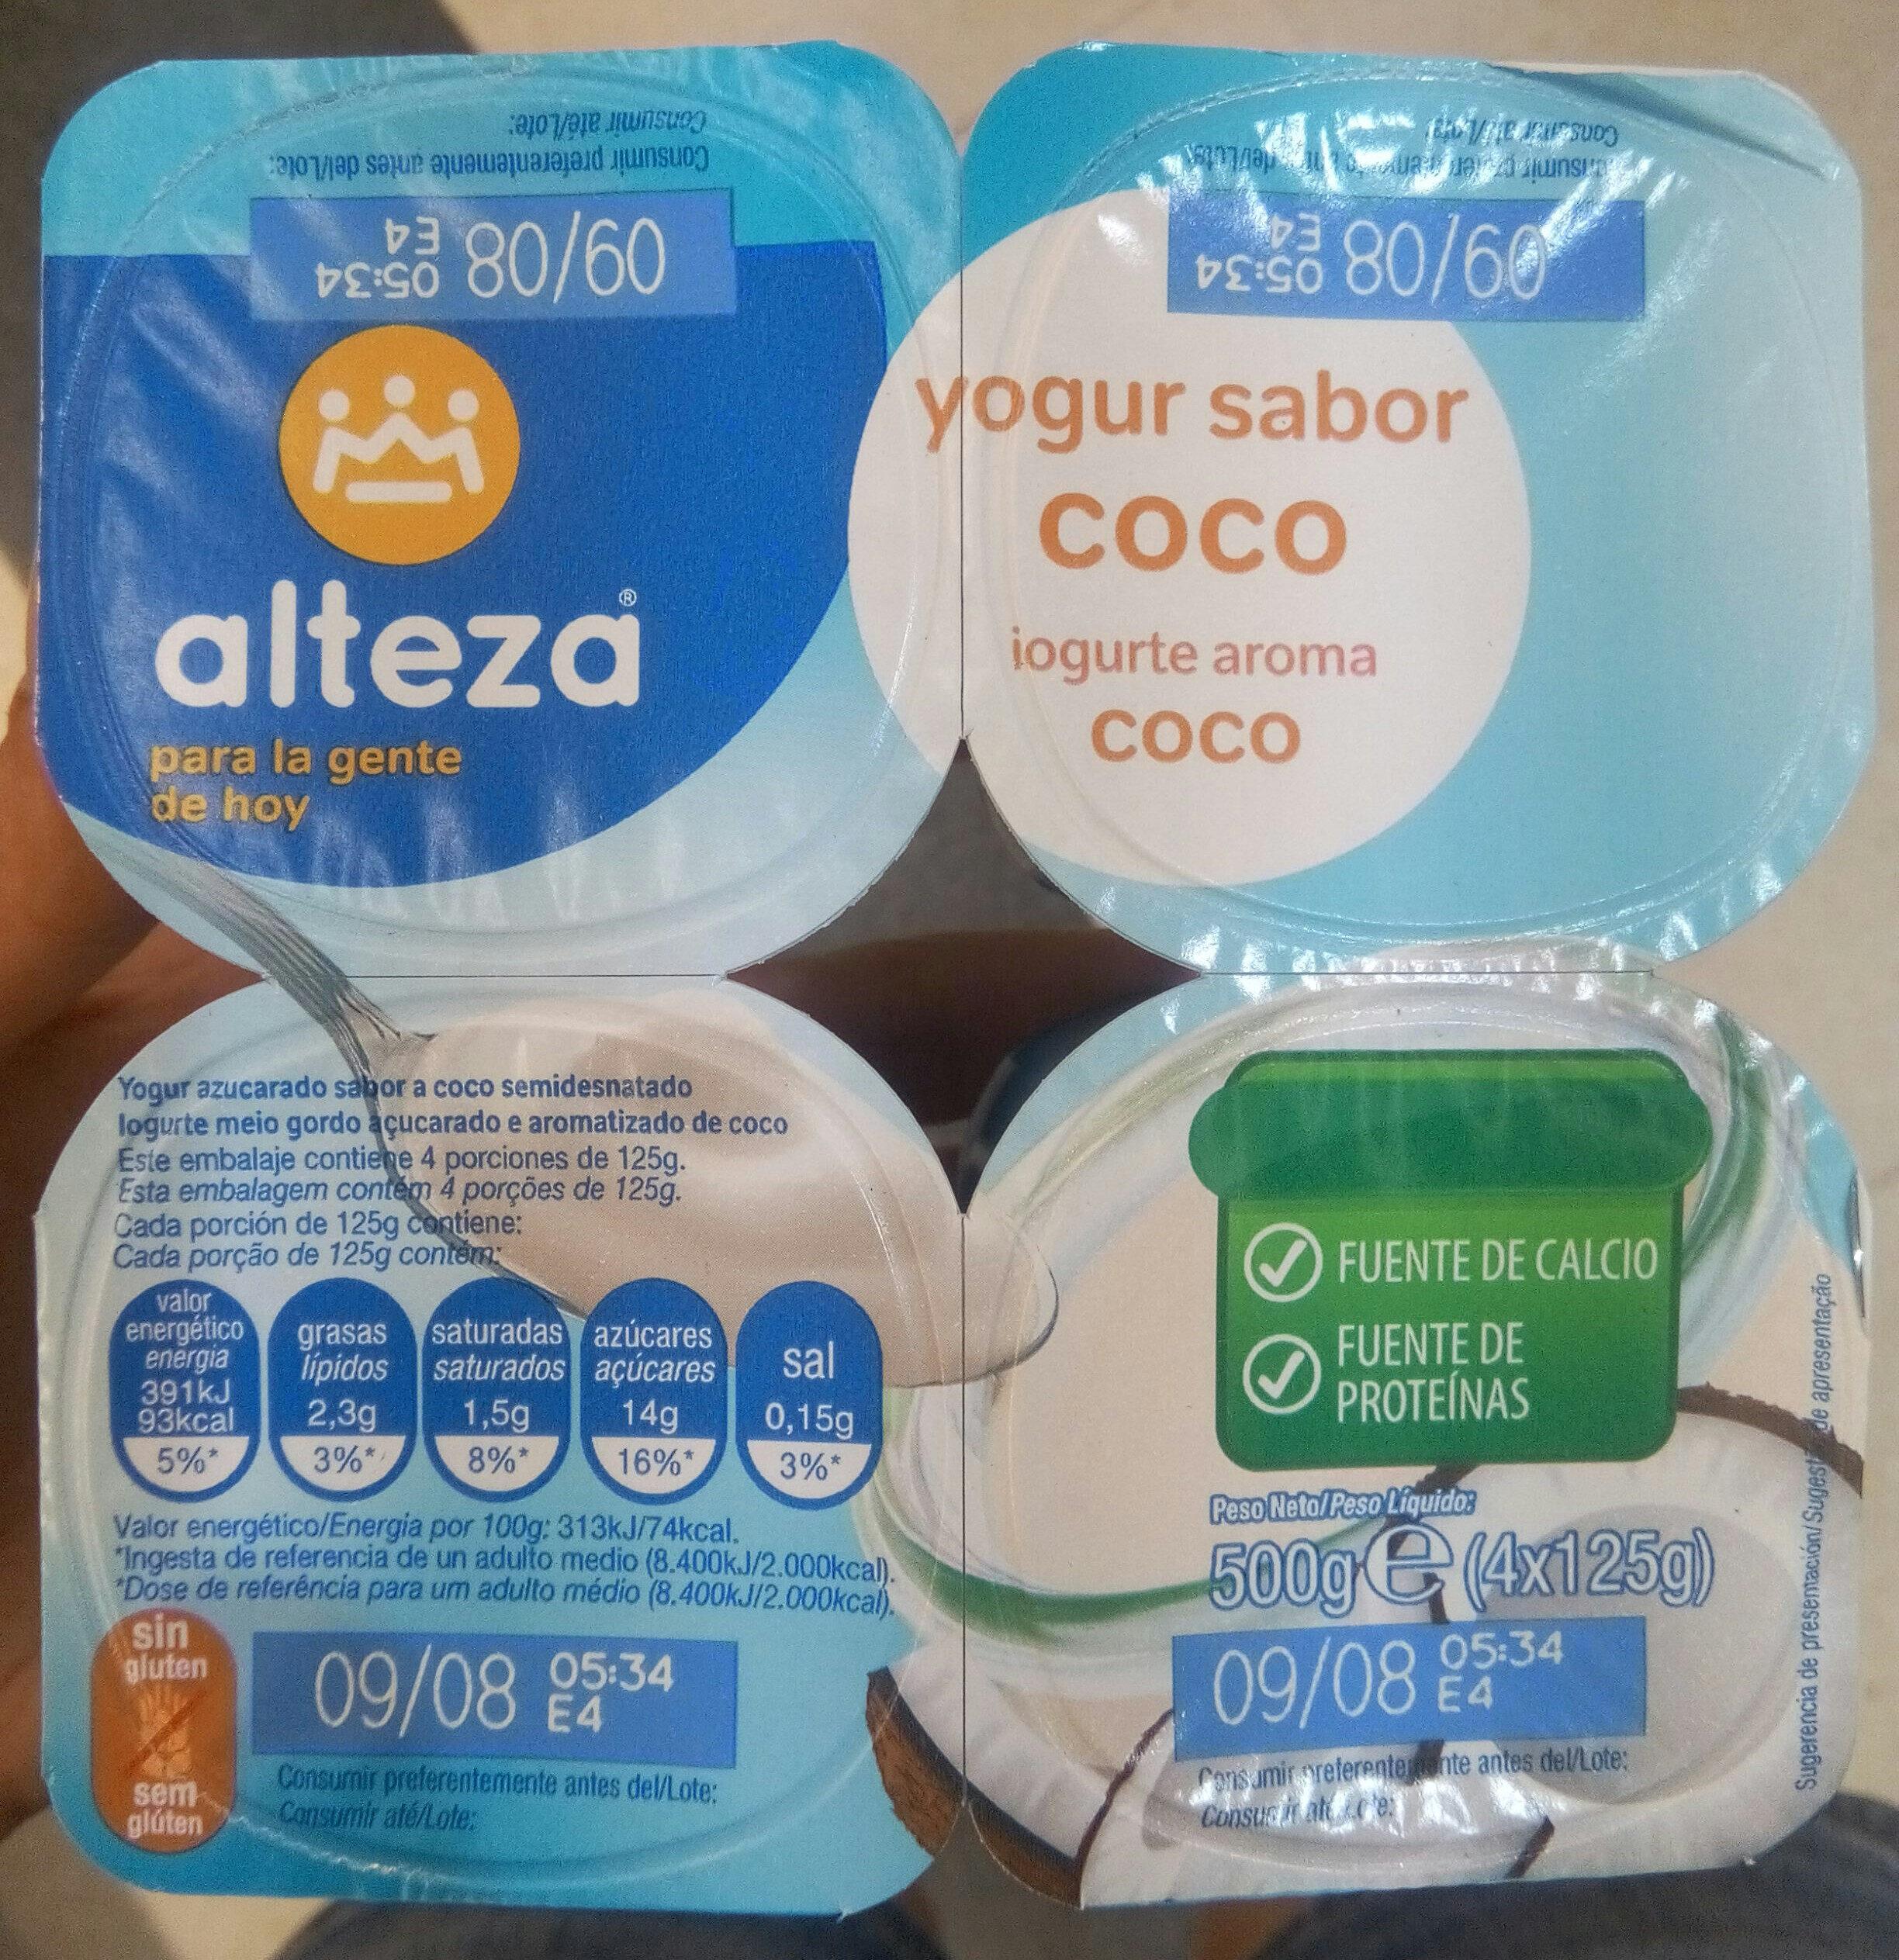 Yogur sabor coco - Producto - es